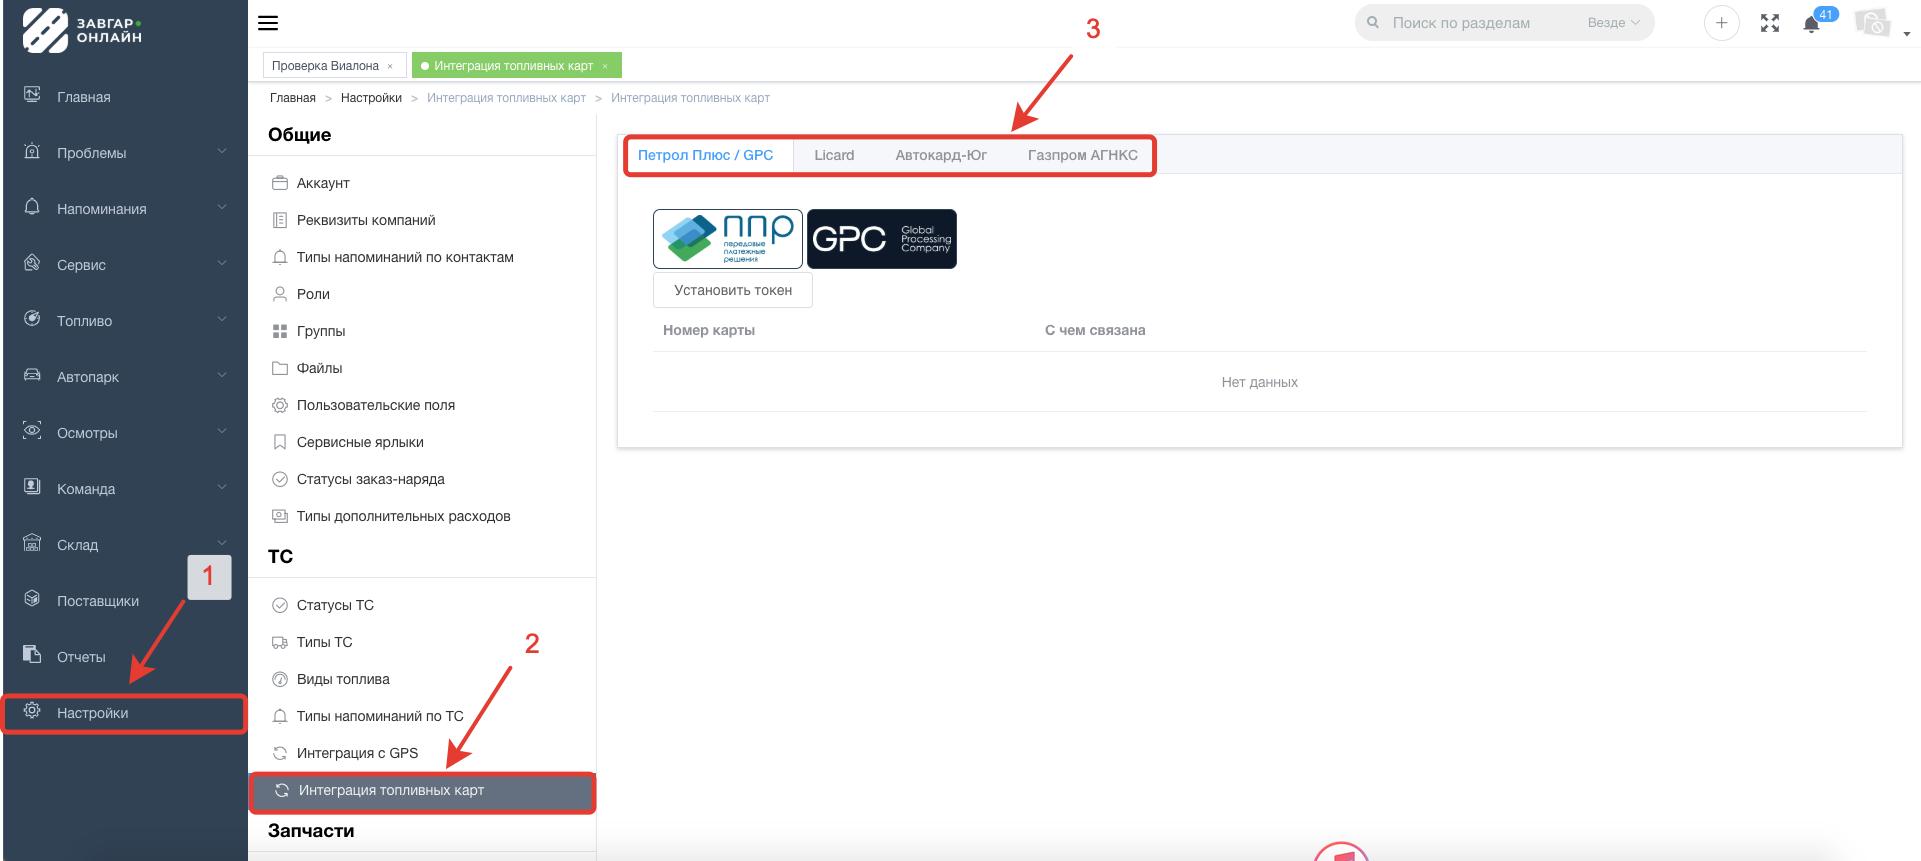 Интеграция системы Завгар Онлайн с сервисами топливных карт